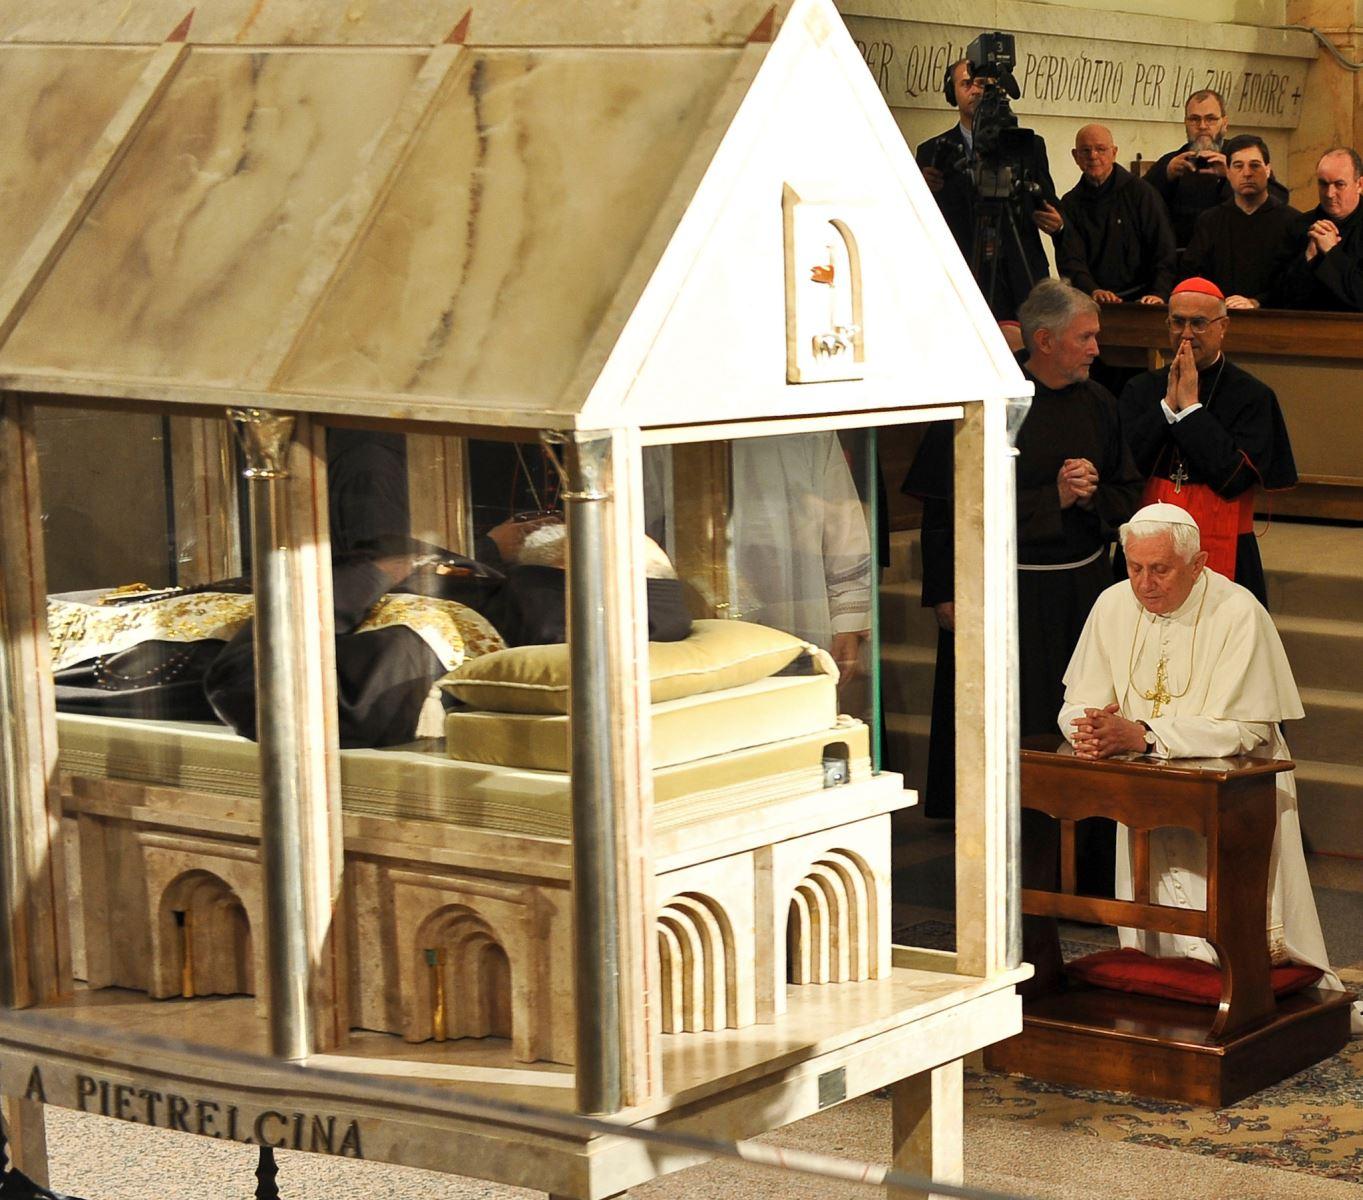 Thánh tích quý giá của Thánh Pio 5 dấu